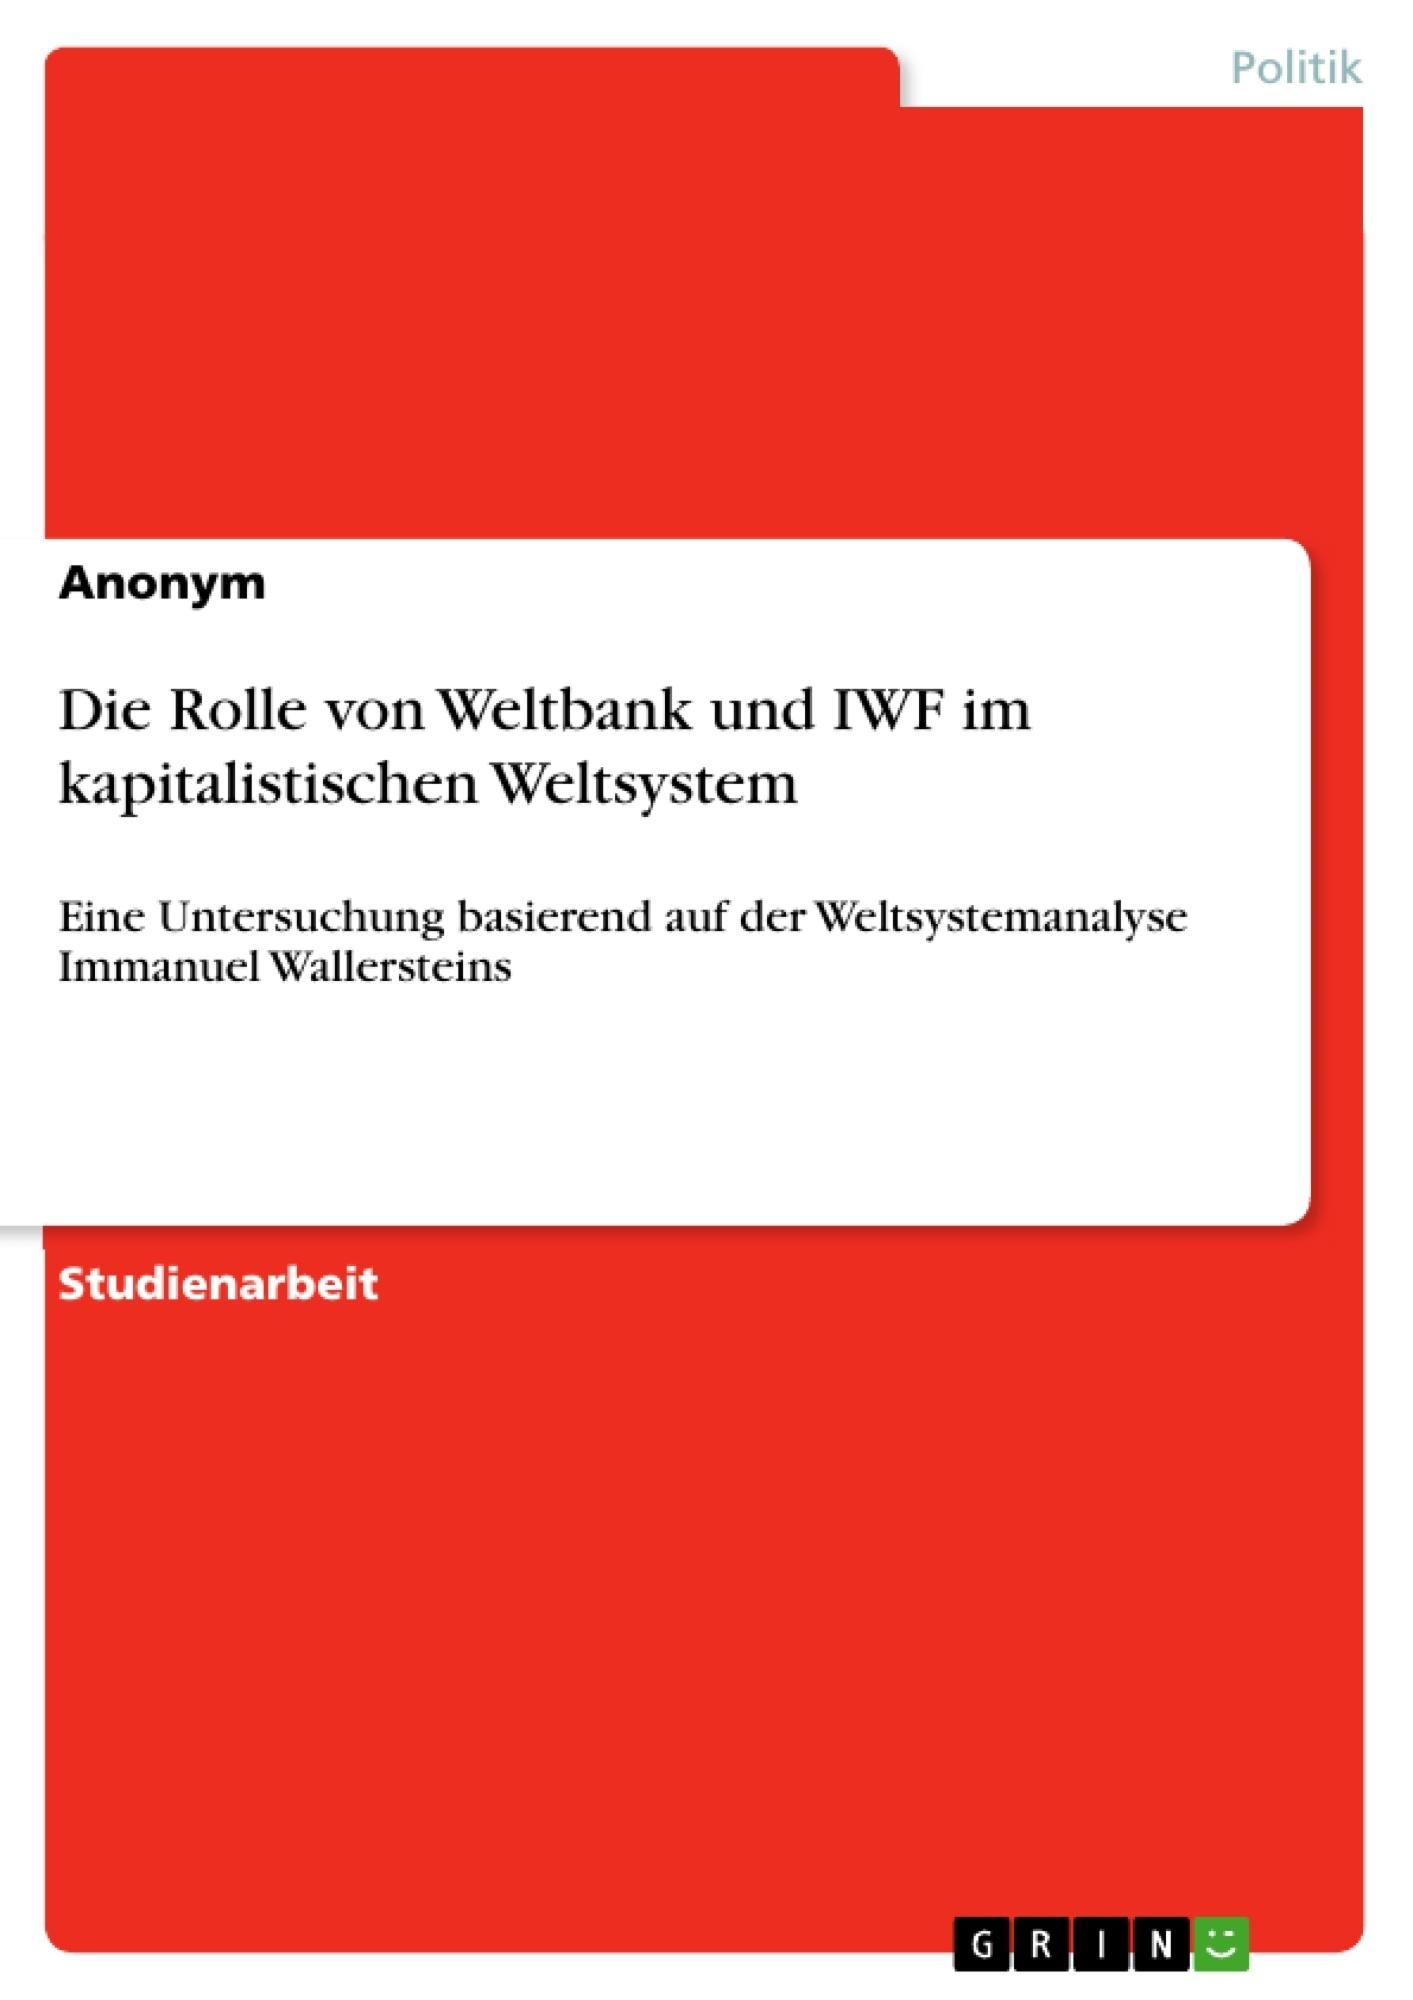 Titel: Die Rolle von Weltbank und IWF im kapitalistischen Weltsystem